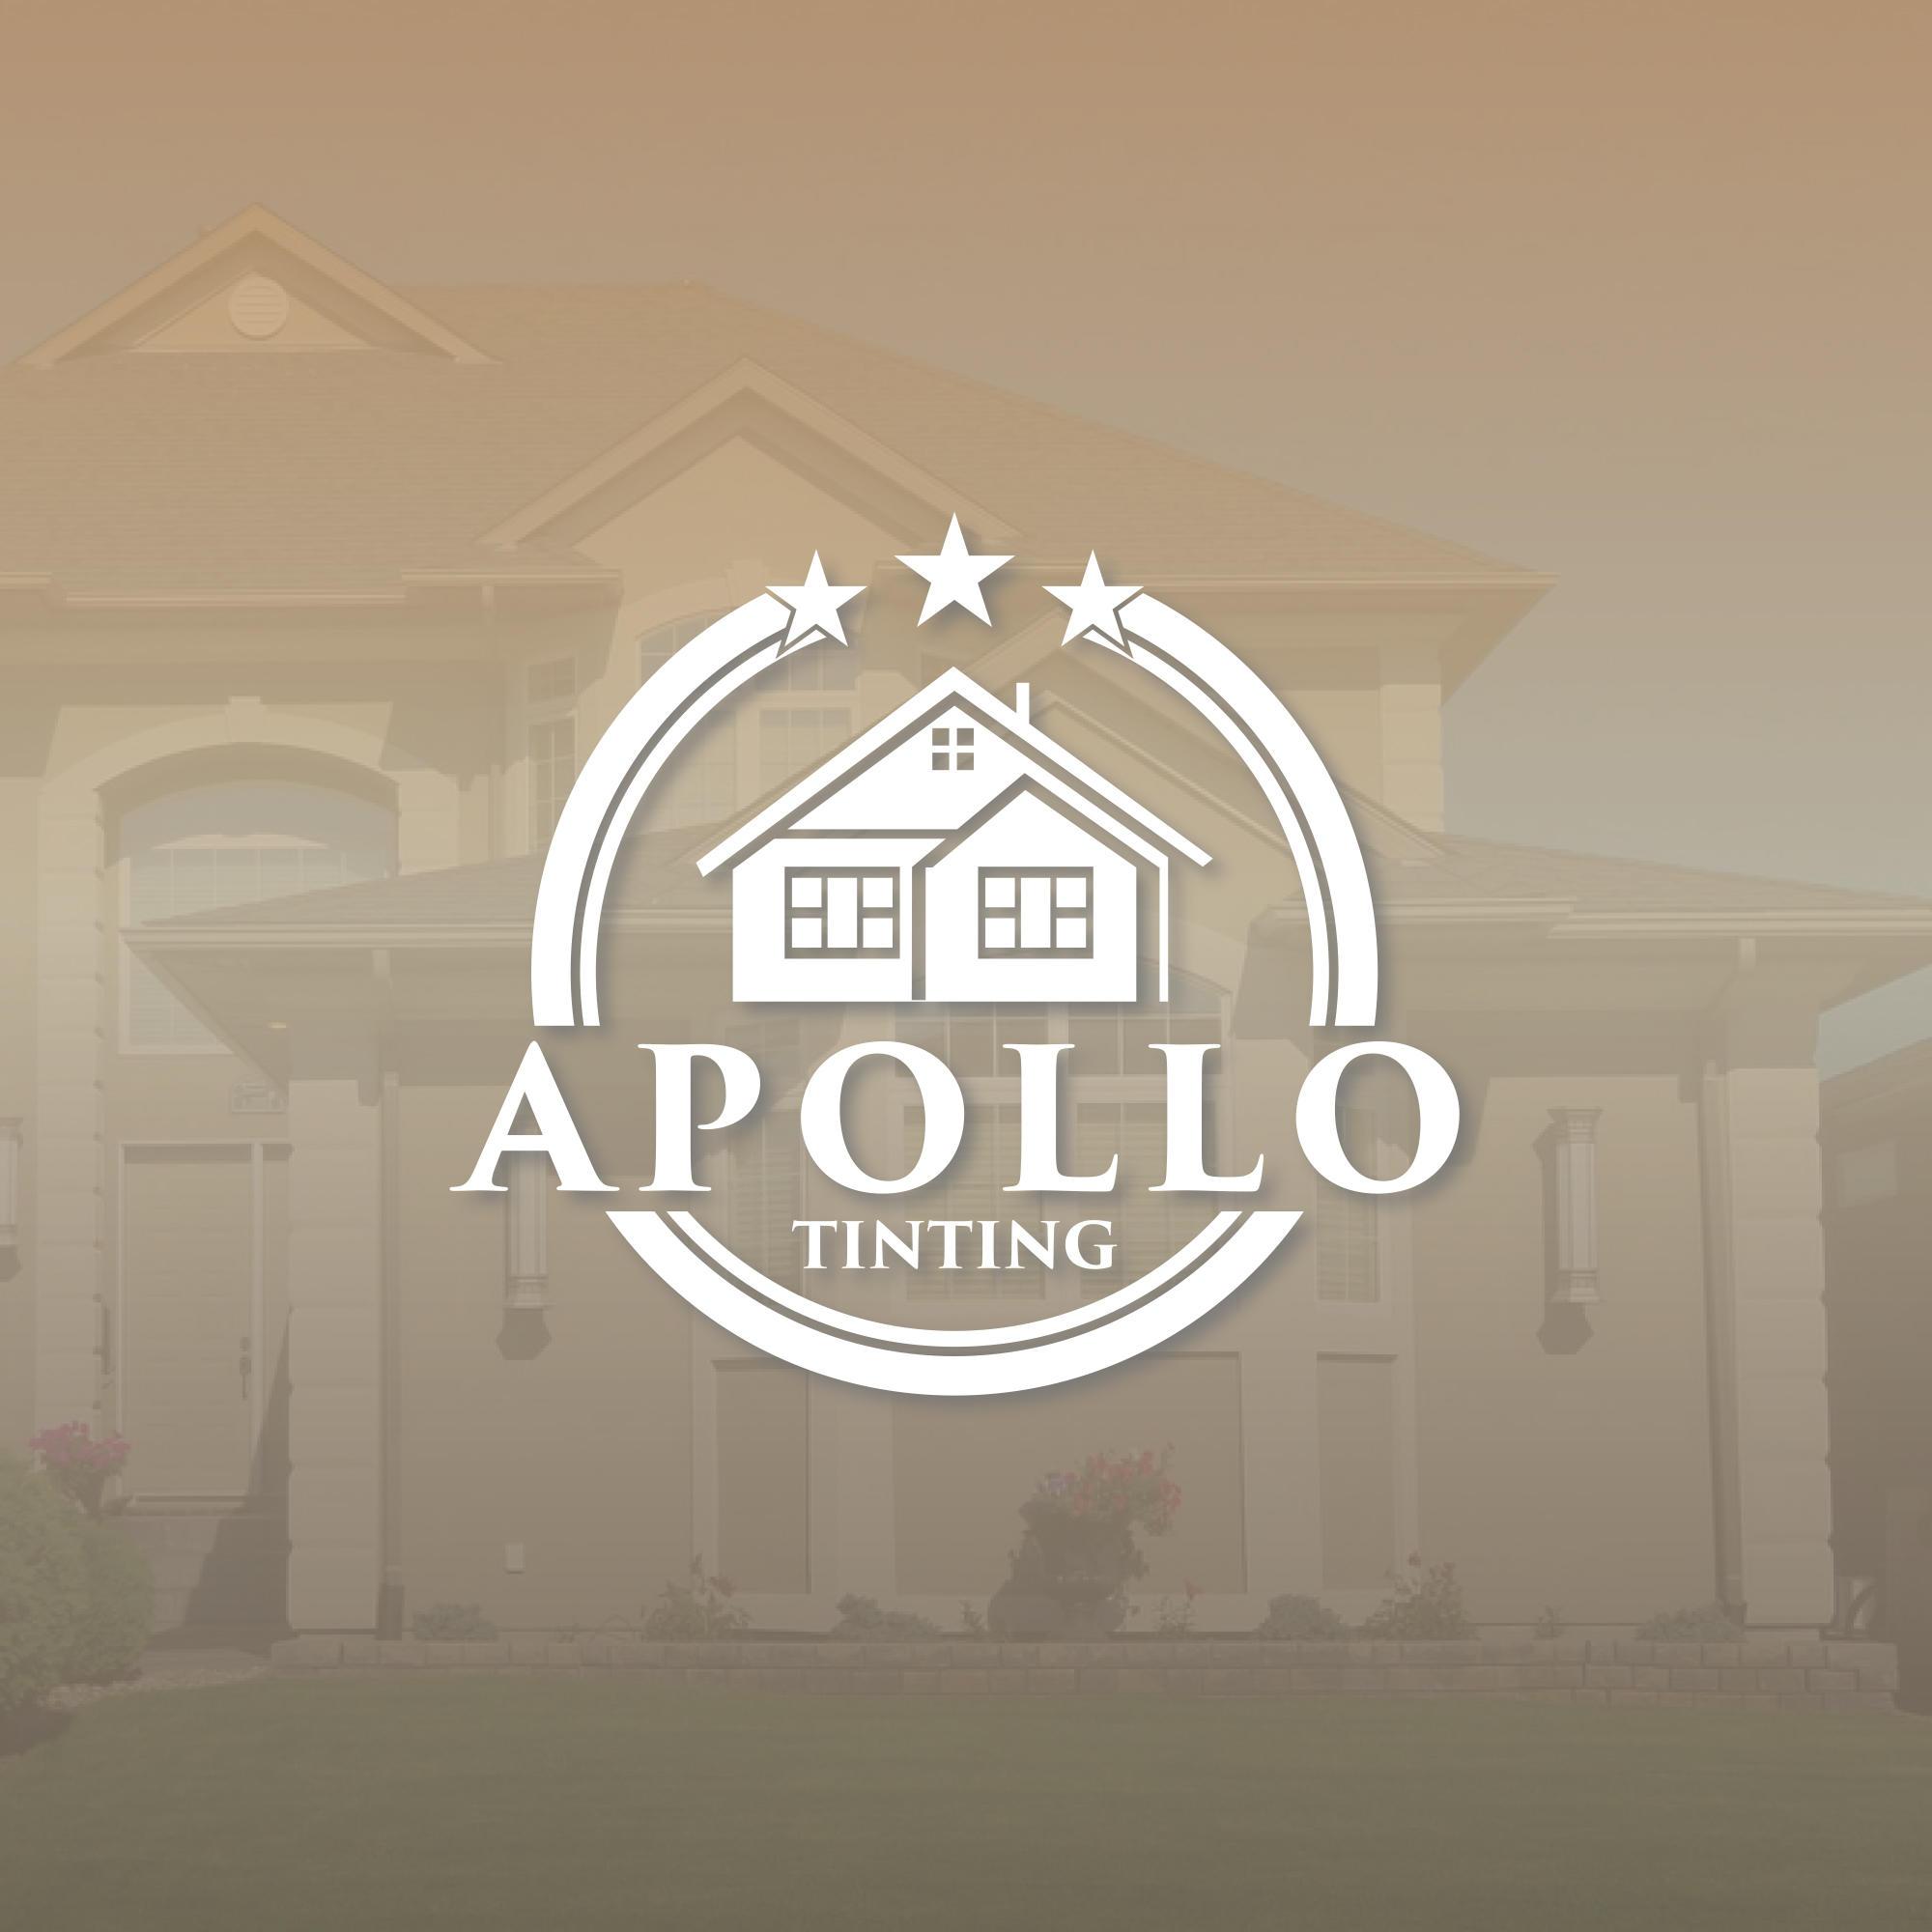 Apollo Tinting LLC